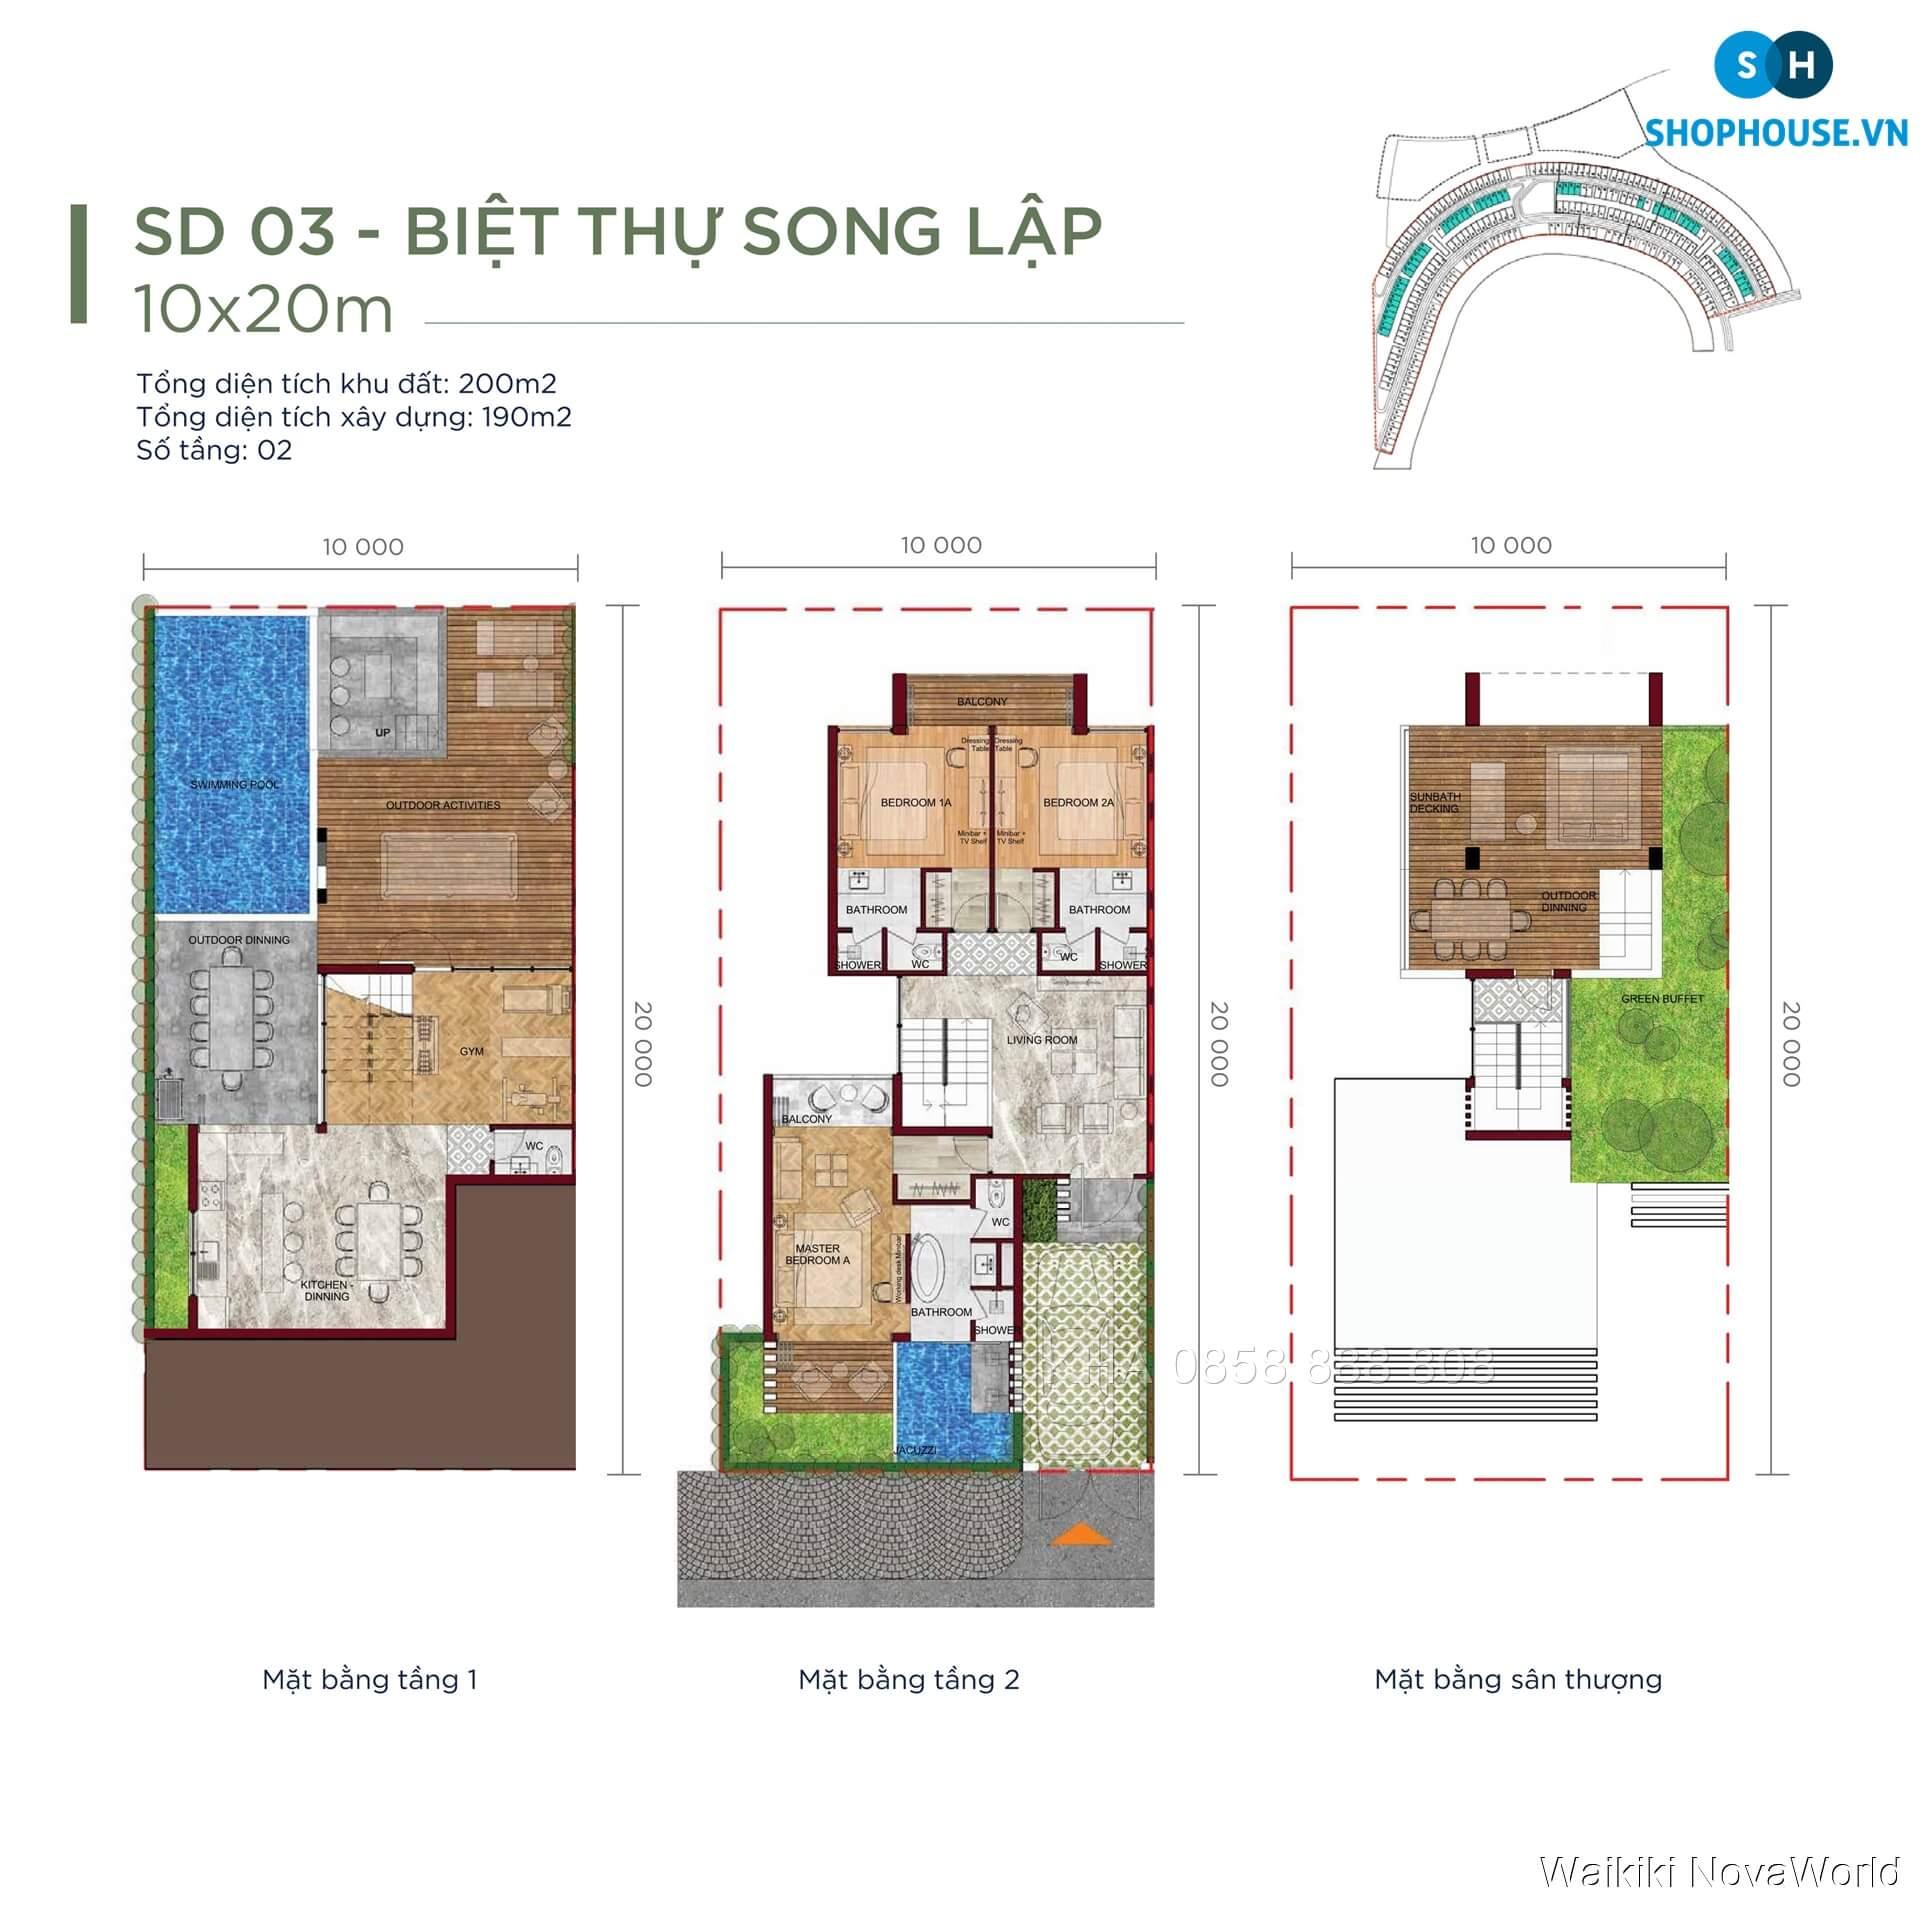 Waikiki-NovaWorld-mat-bang-tang-chi-tiet-biet-thu-villas-song-lap-10x20-SD03